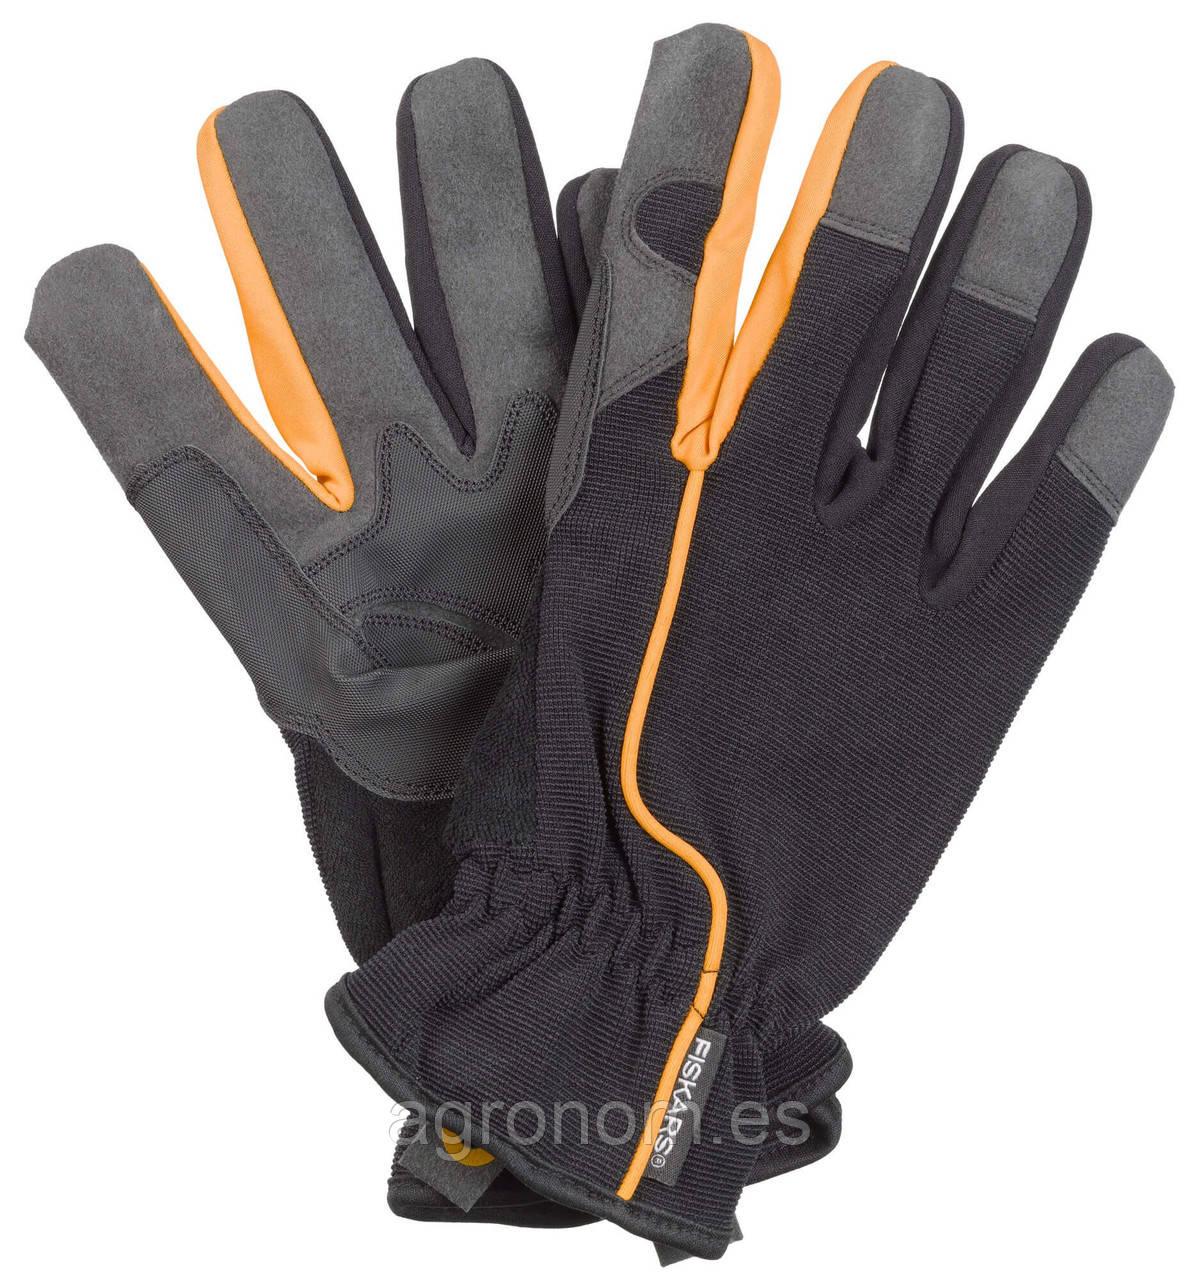 Перчатки для работы в саду, размер 8